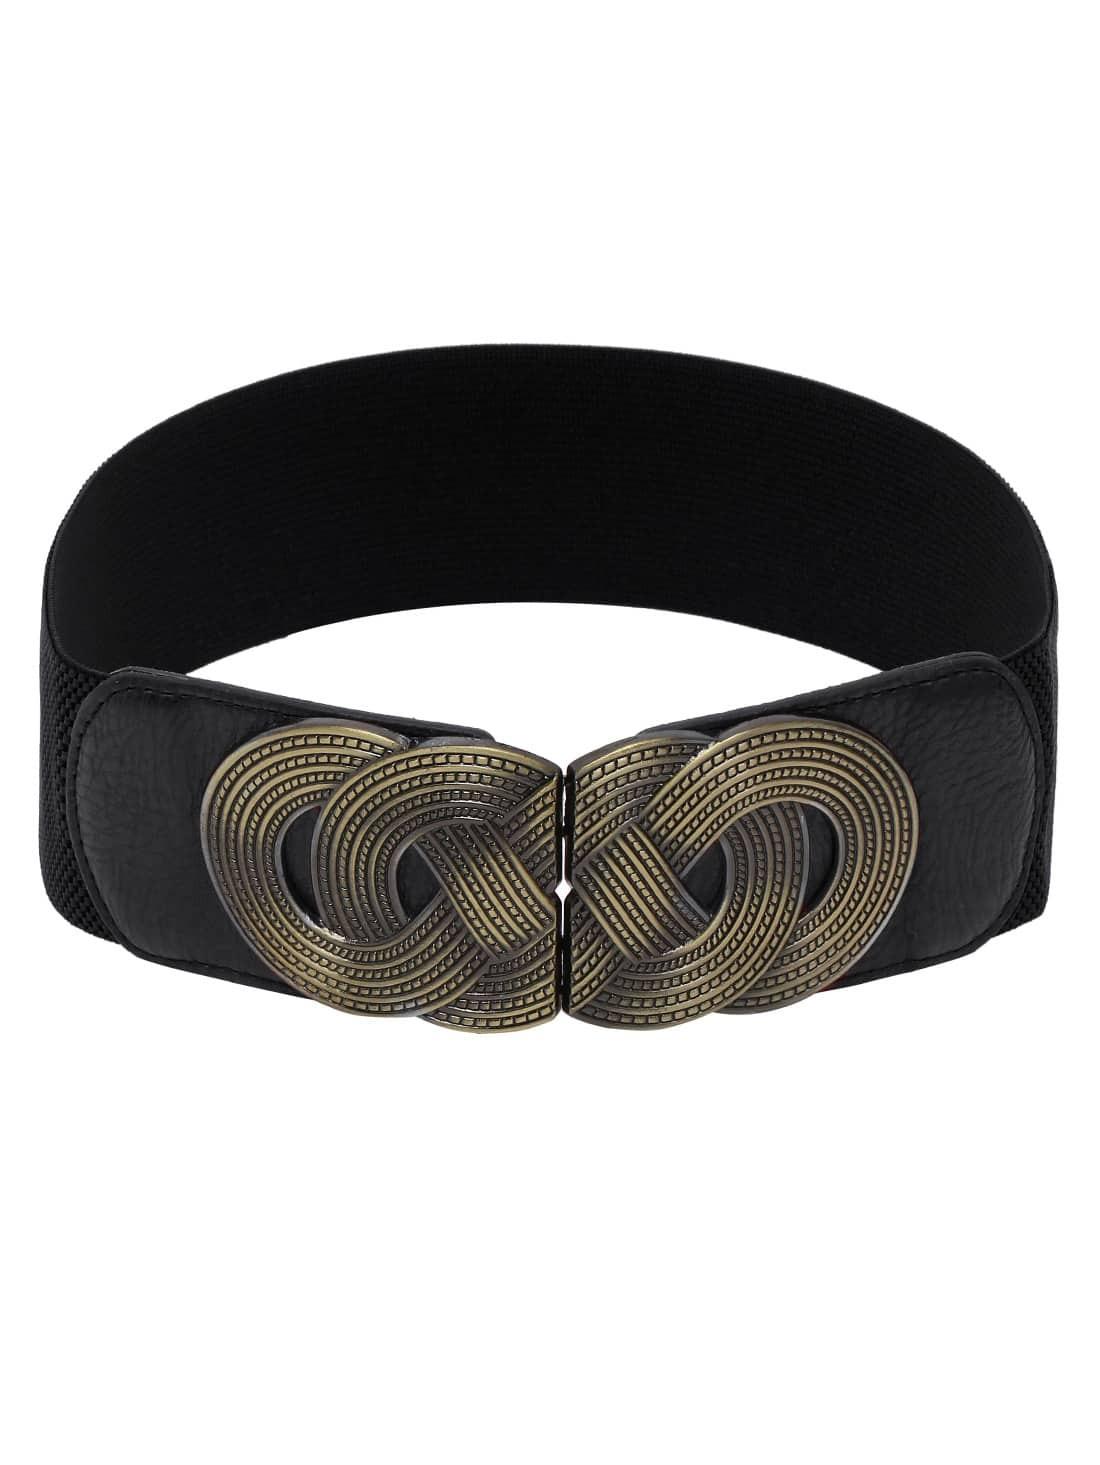 braided metal interlock buckle black wide elastic belt